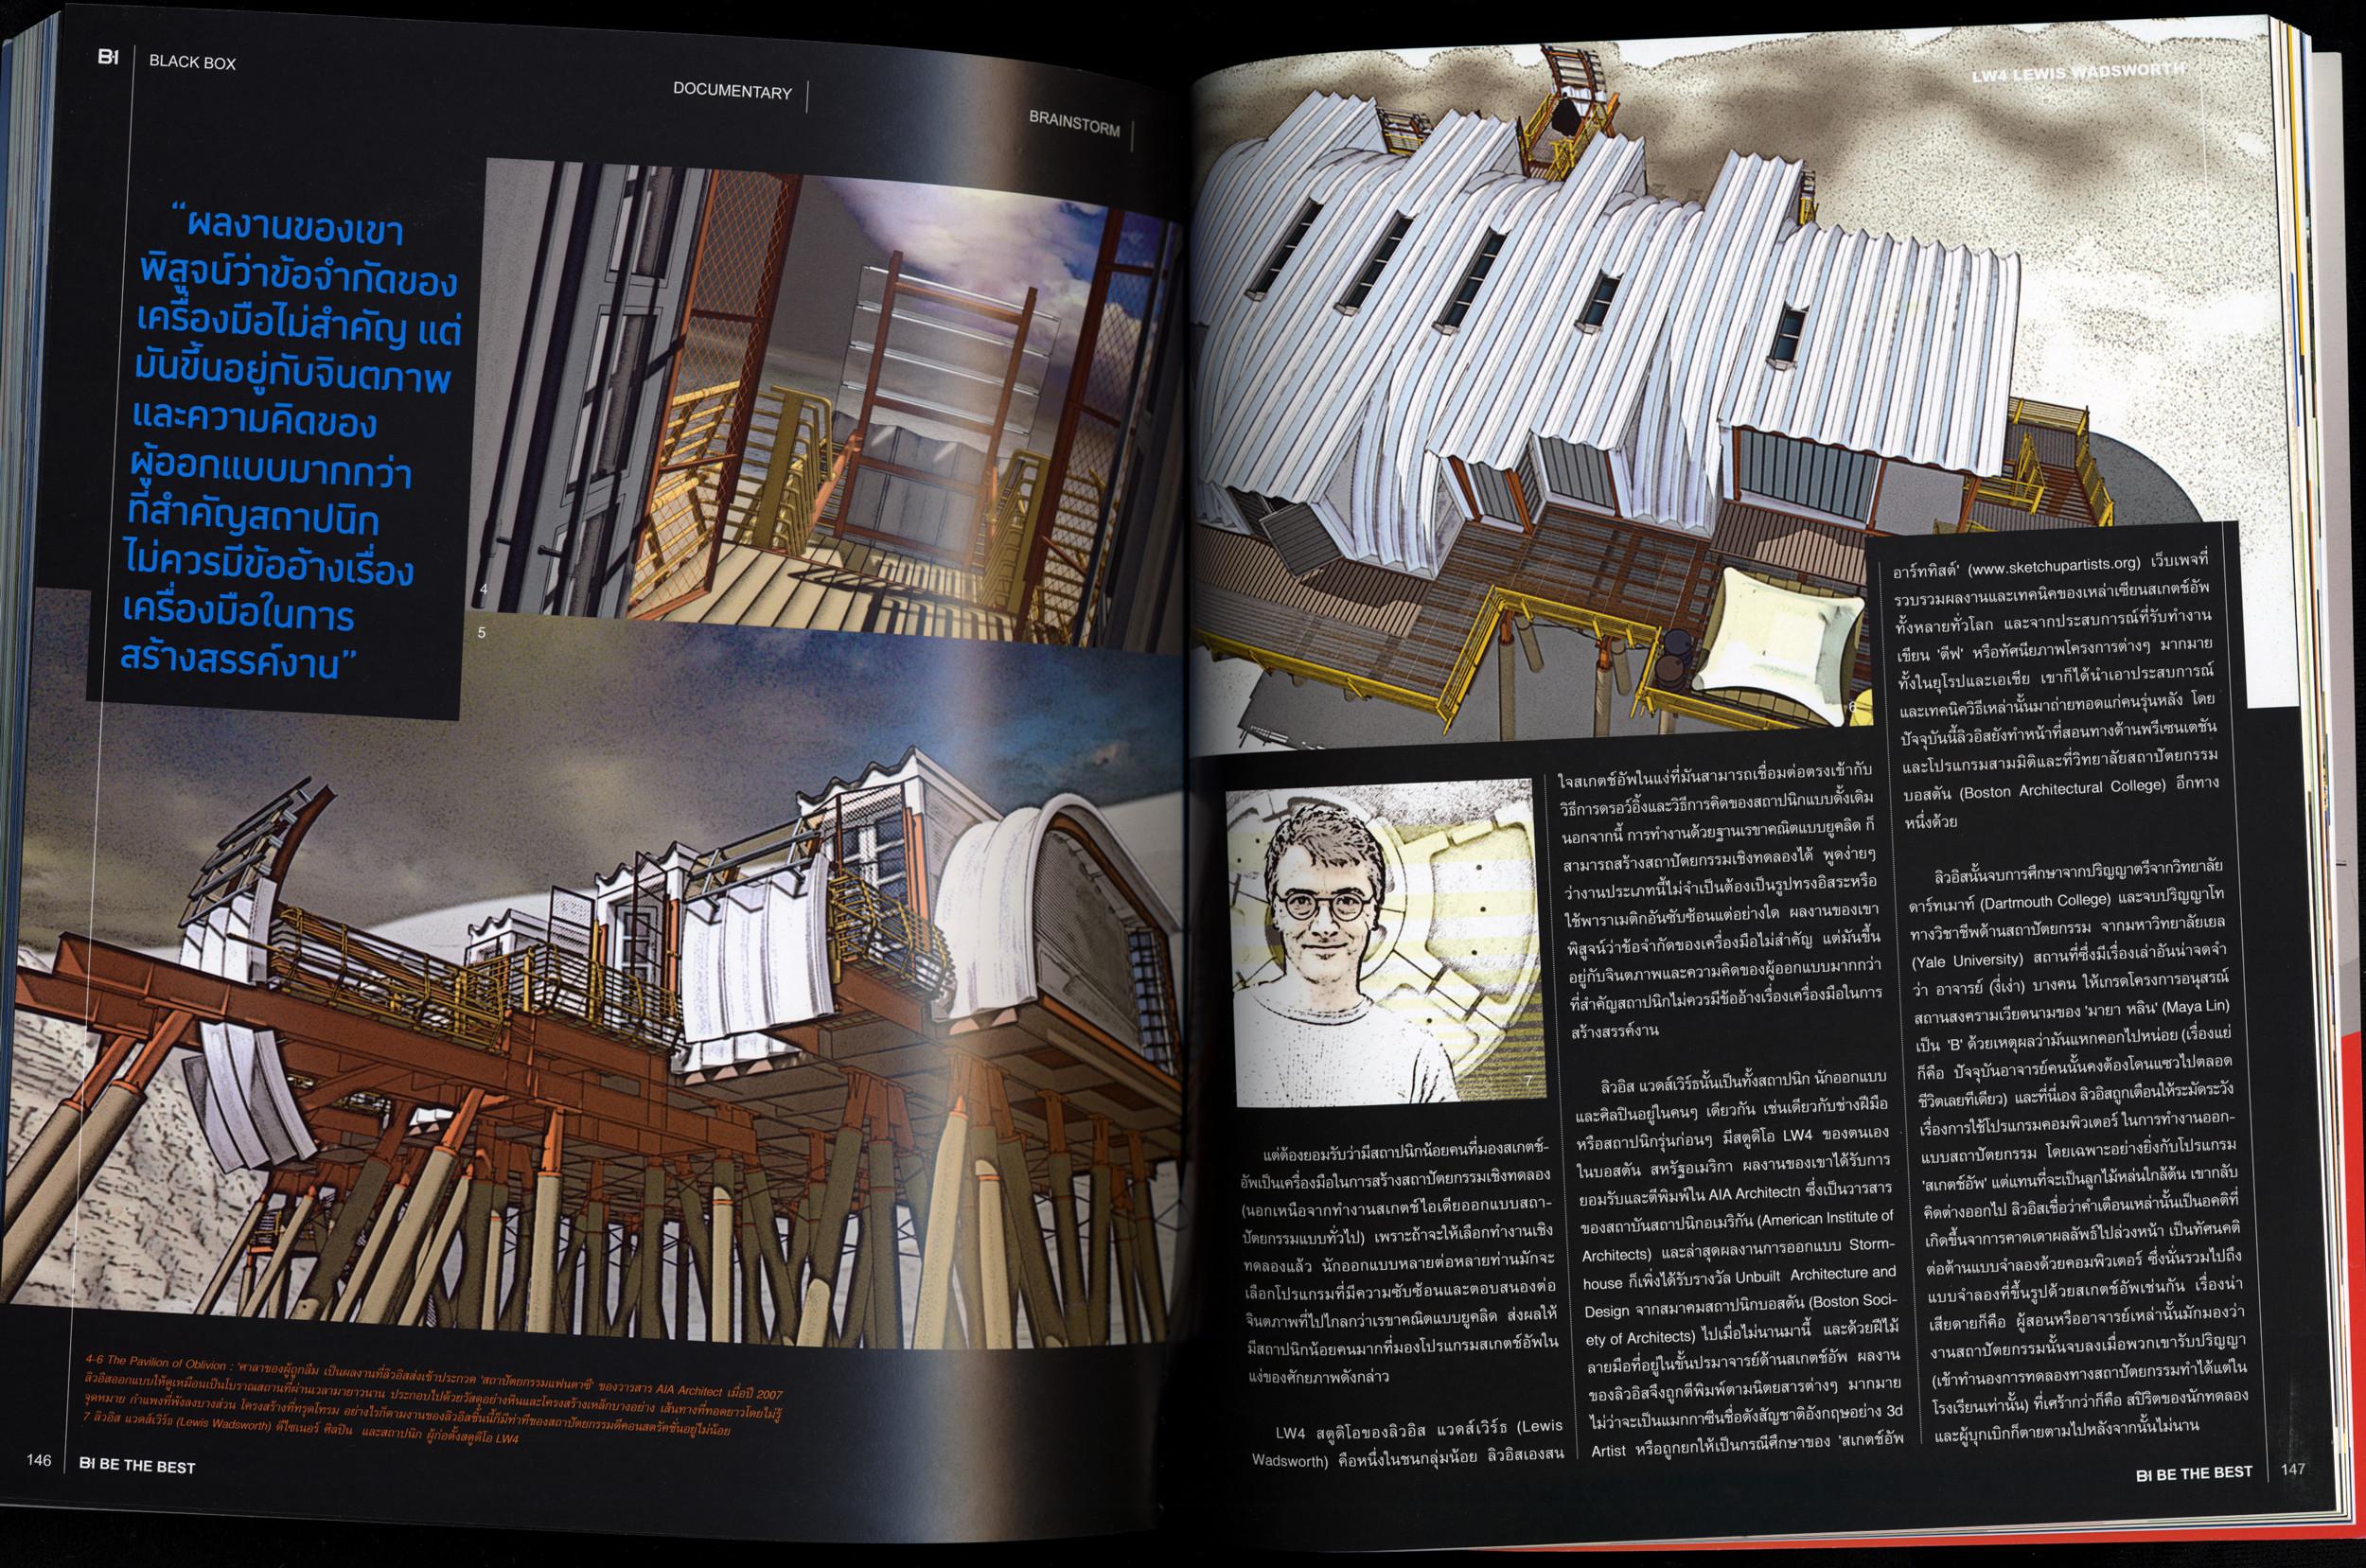 B1 Magazine (April 2012) Pages 146-147